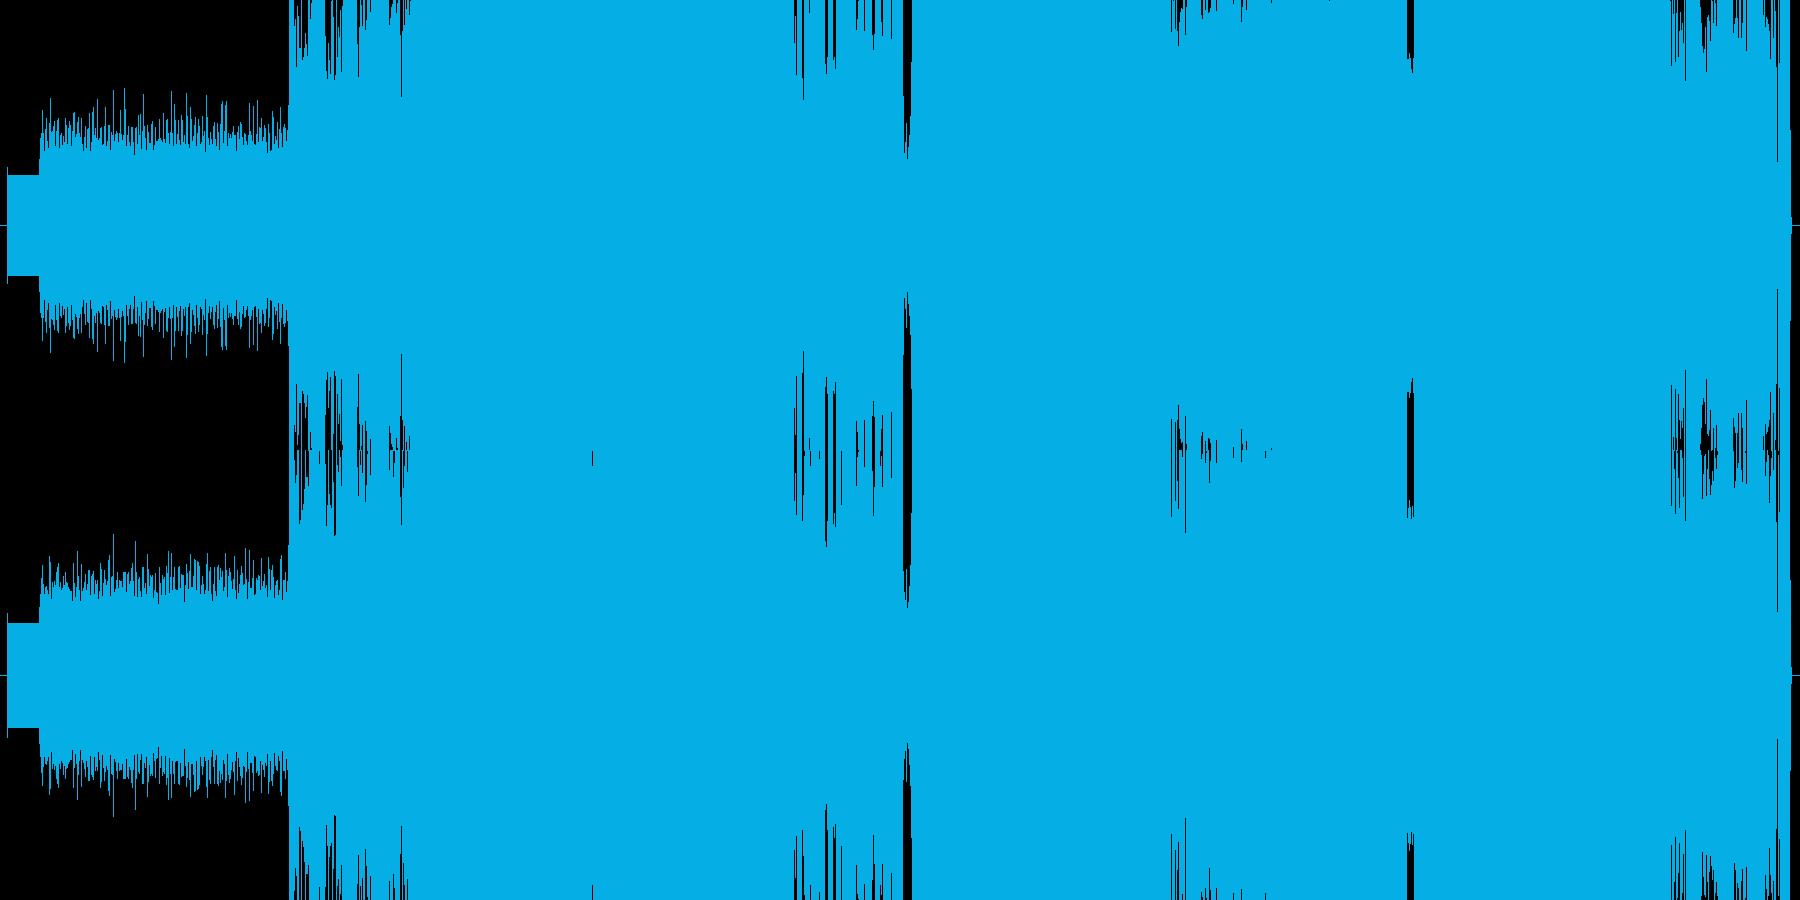 ヘッドフォン・ララバイの再生済みの波形